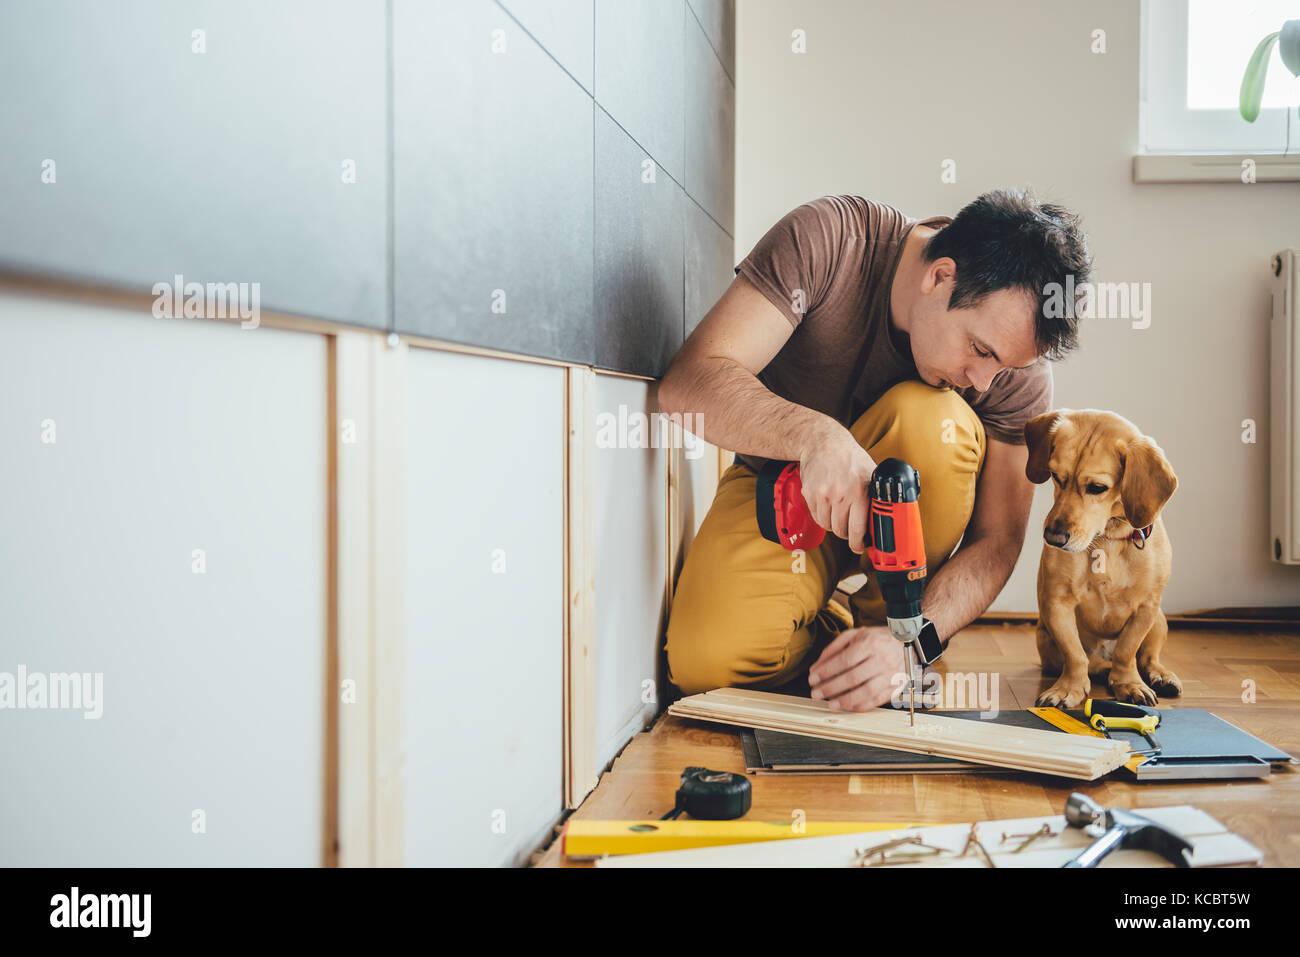 At home immagini at home fotos stock alamy - Lavori di ristrutturazione casa ...